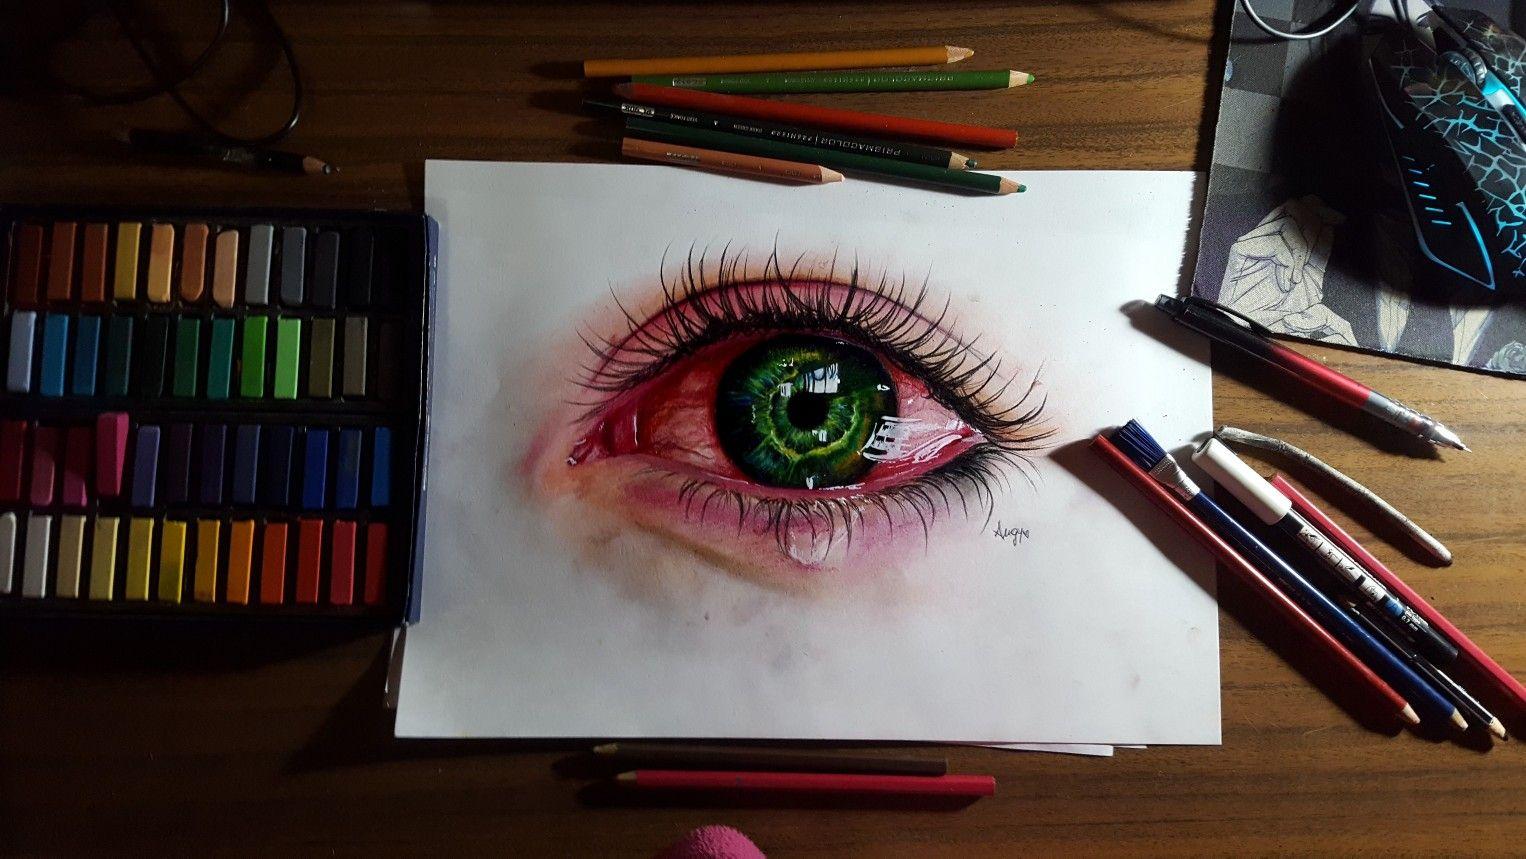 Drawingeyeeyescrytearssadpainartcharcoalpencils bloodartiststrugglerealismrealistic